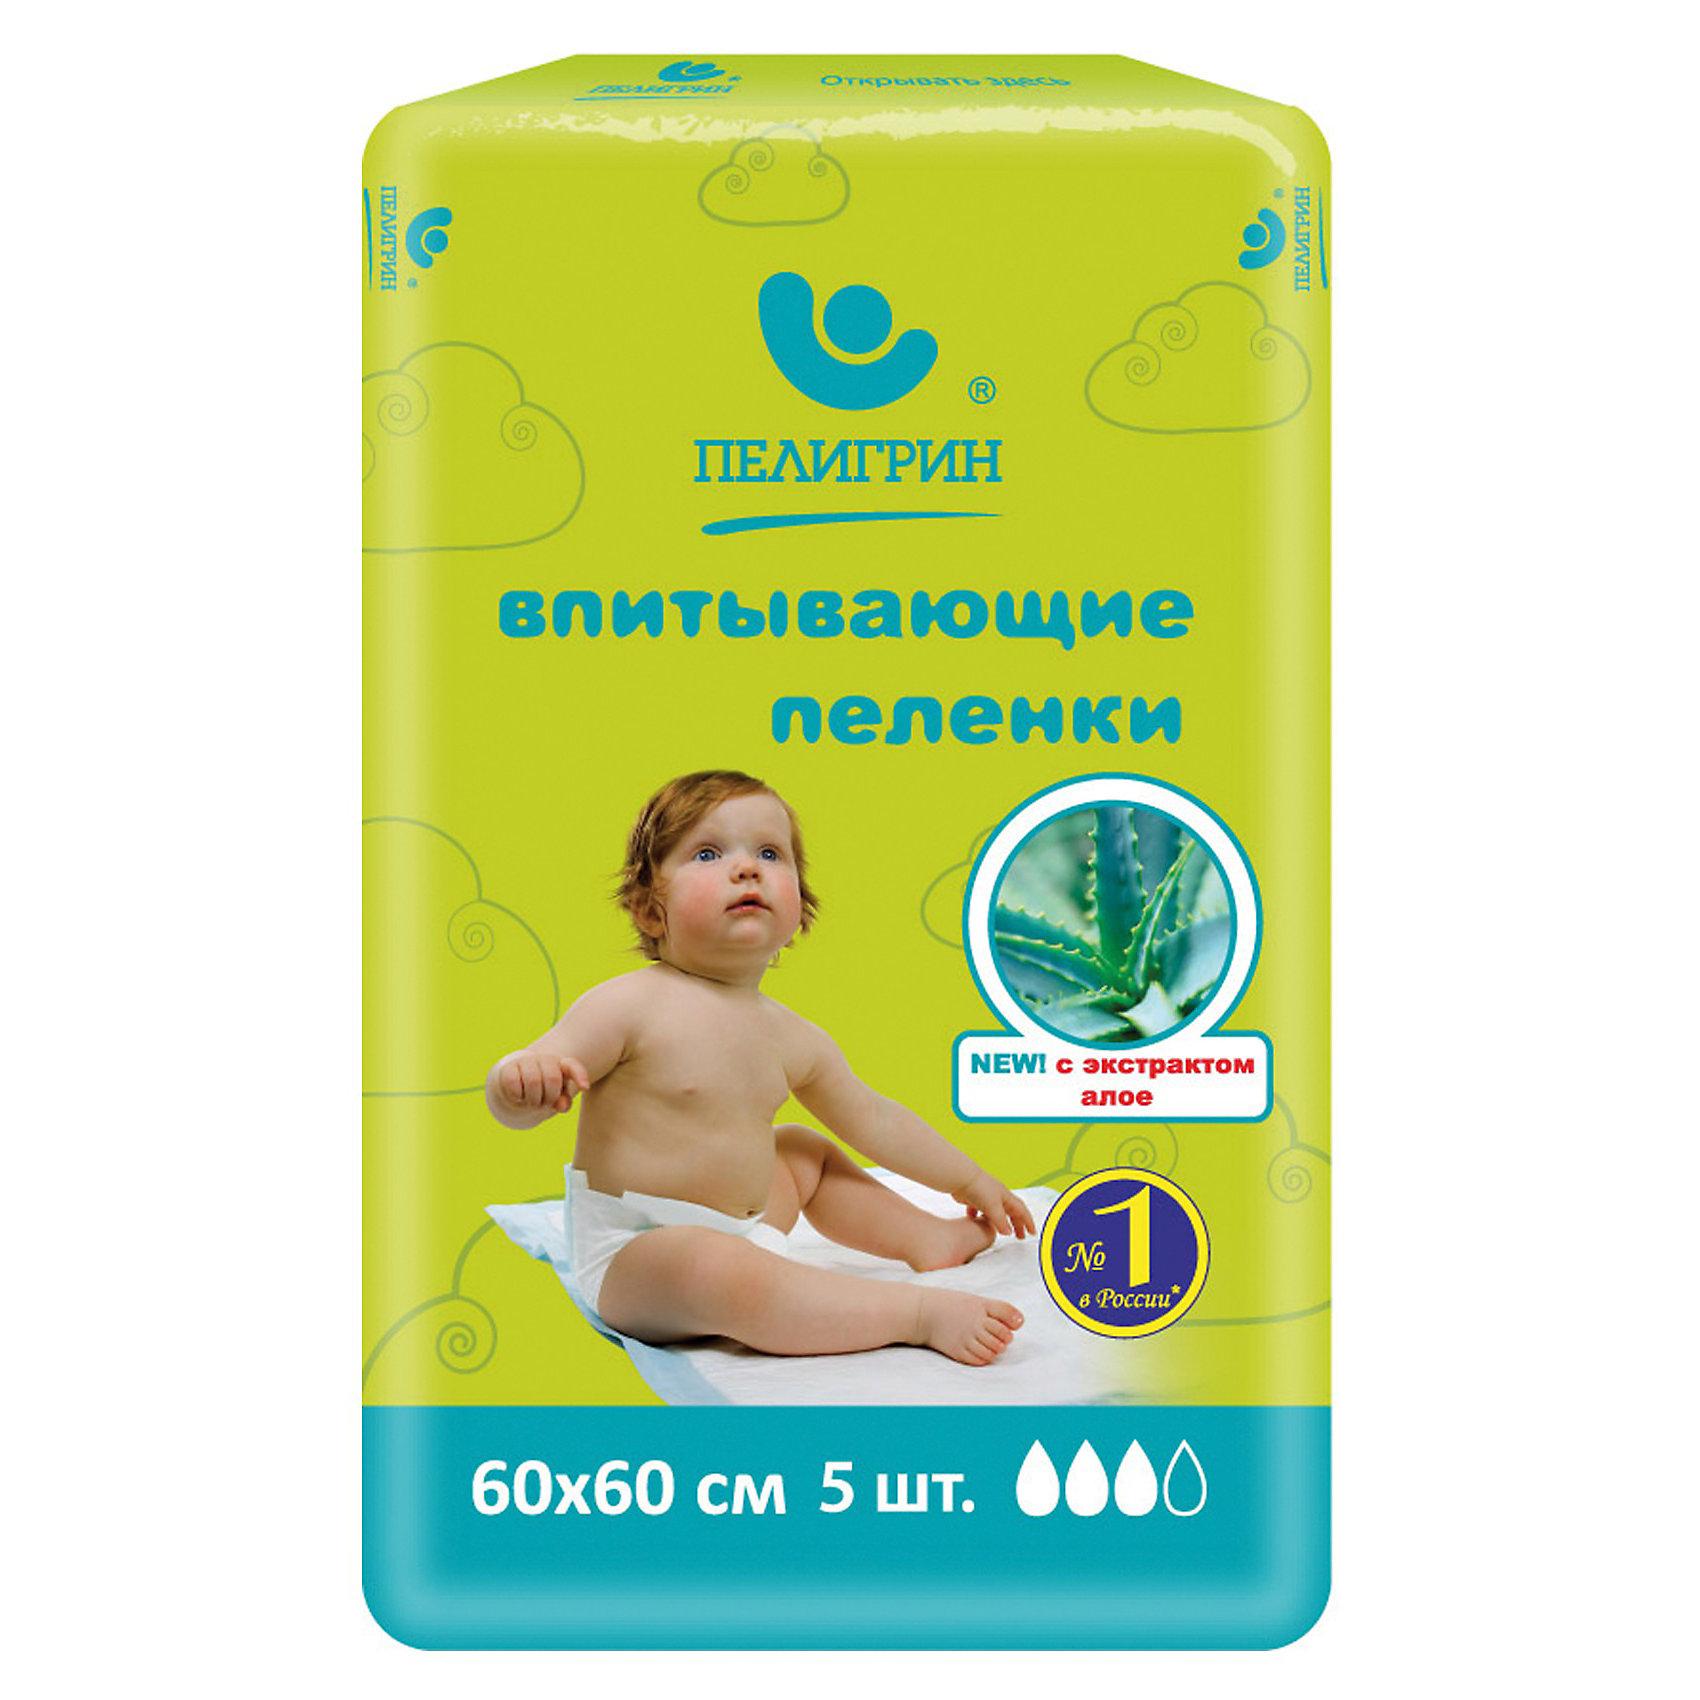 Детские впитывающие пеленки Пелигрин 60х60 см., 5 шт